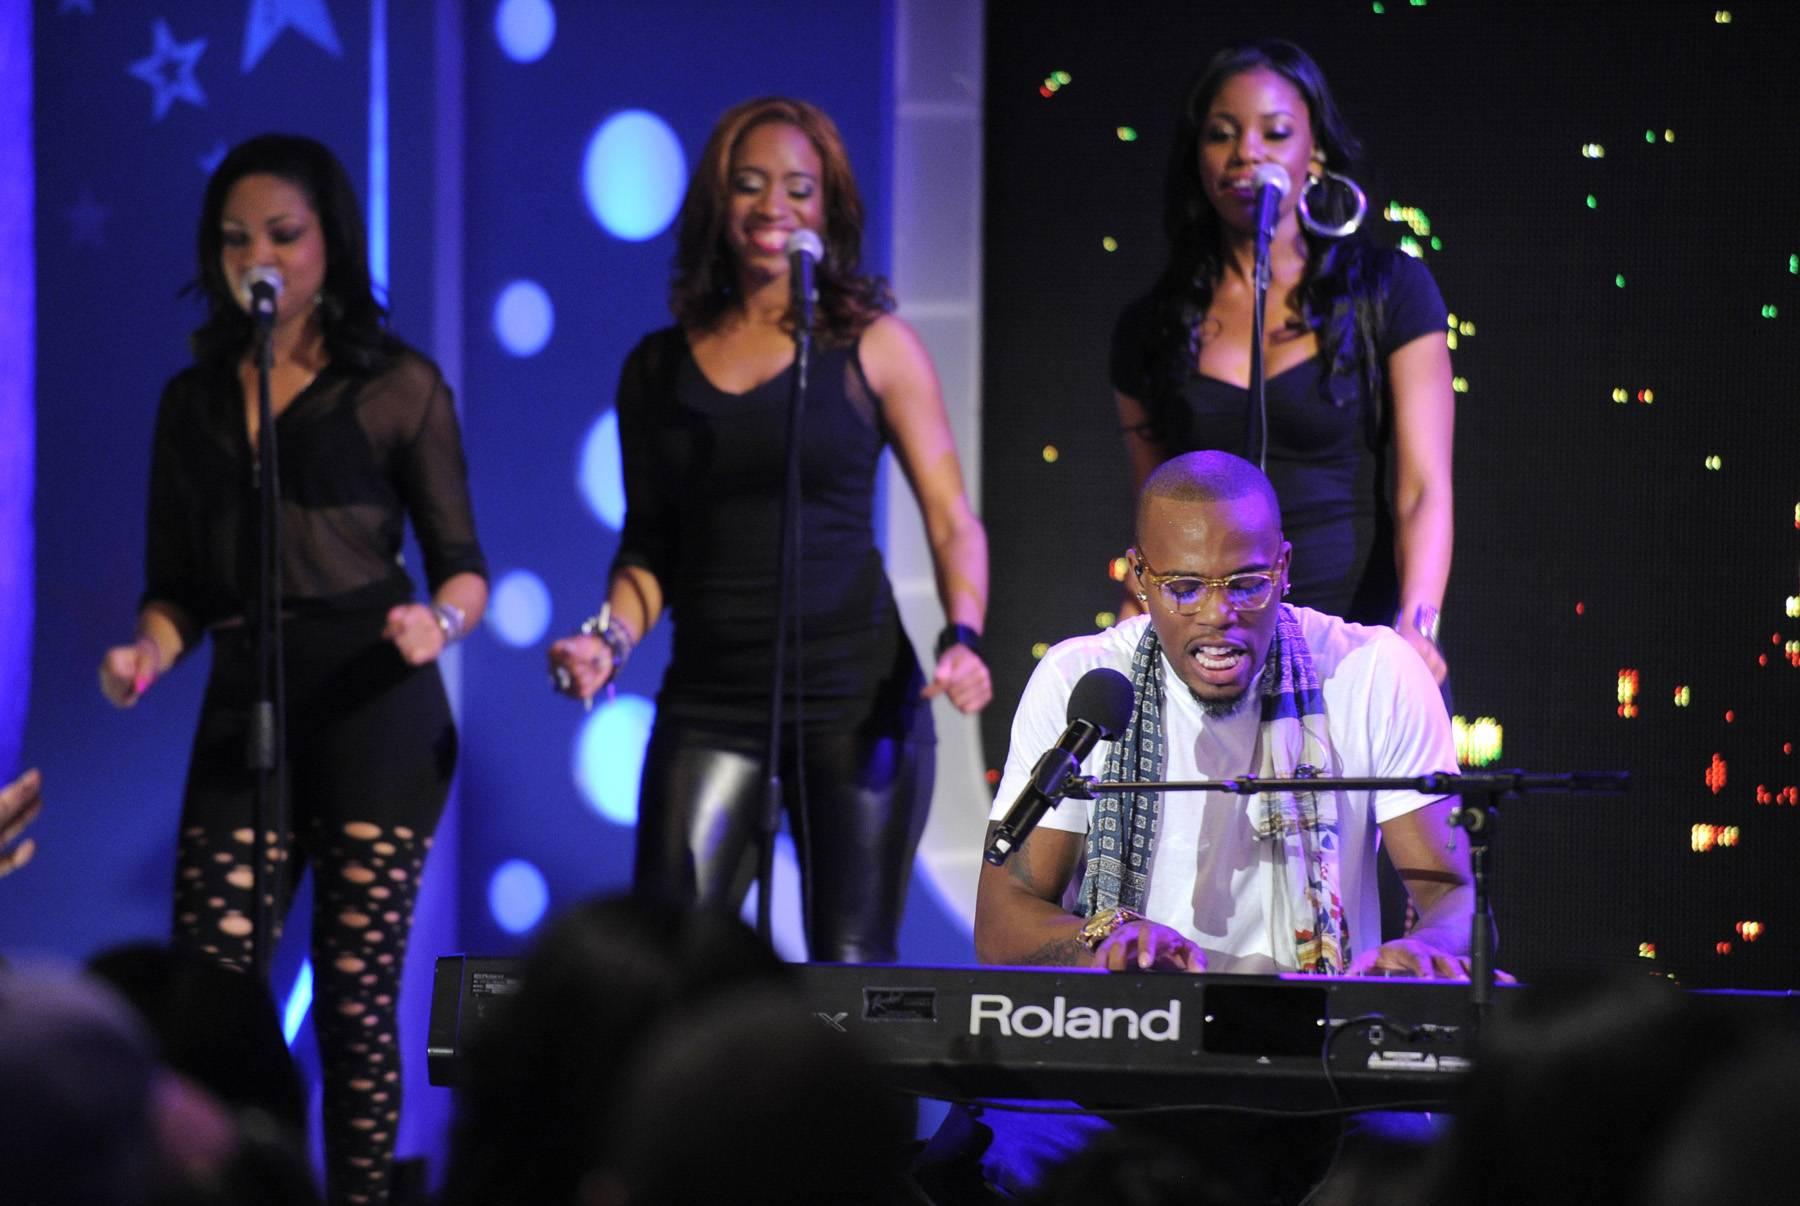 A Full Performance - B.o.B performs at 106 & Park, May 1, 2012. (Photo: John Ricard / BET)